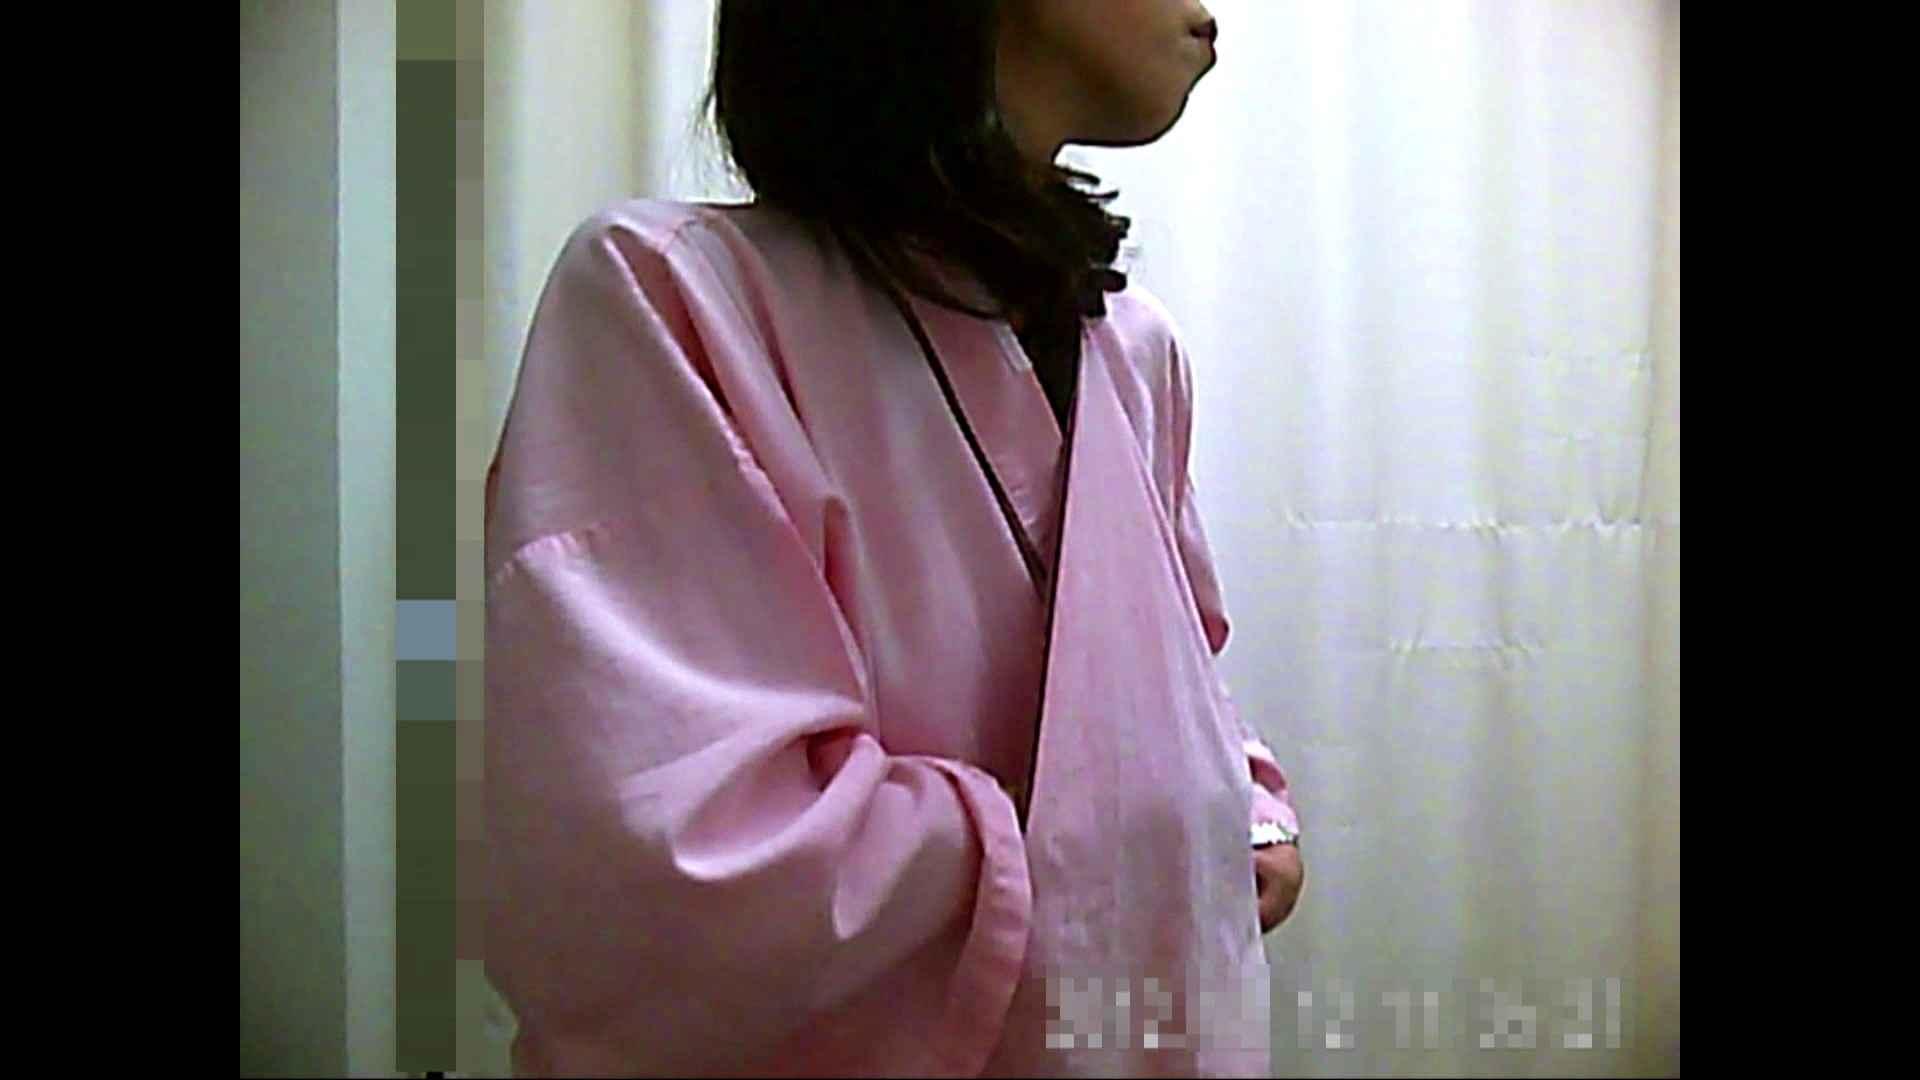 病院おもいっきり着替え! vol.234 乳首ポロリ 隠し撮りオマンコ動画紹介 104画像 89